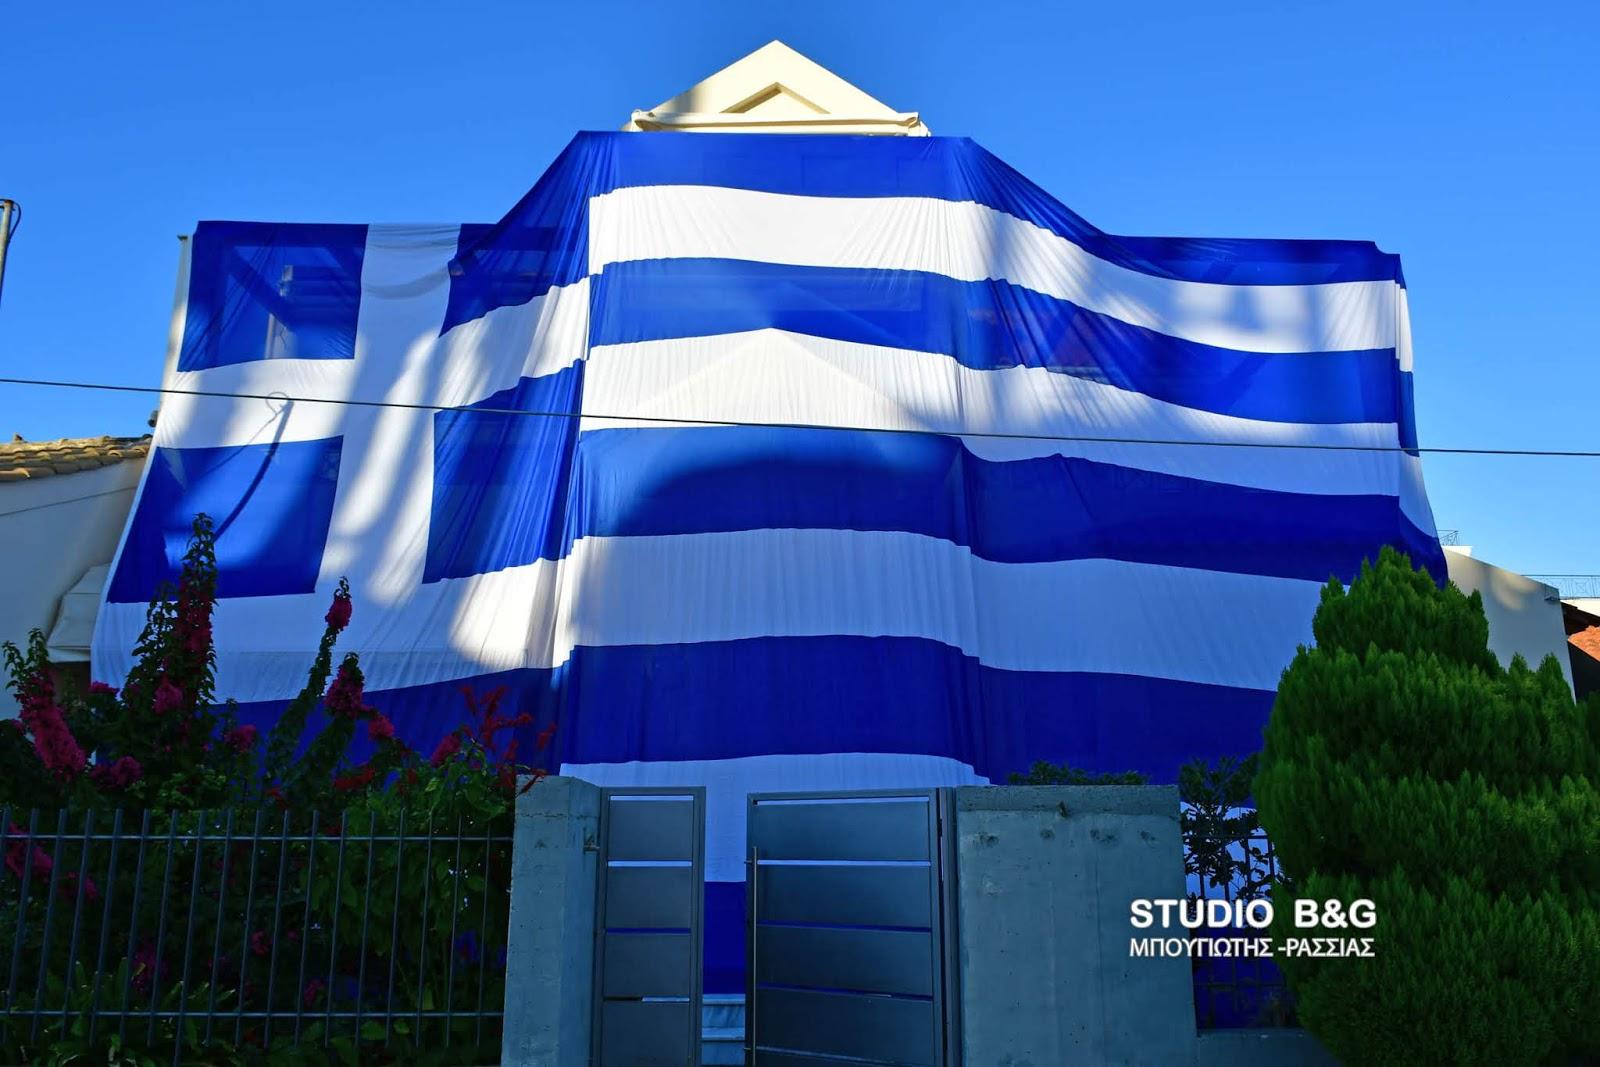 Με τεράστια Ελληνική σημαία κάλυψε το σπίτι του κάτοικος στην Αργολίδα (vd) - Kalimera Arkadia